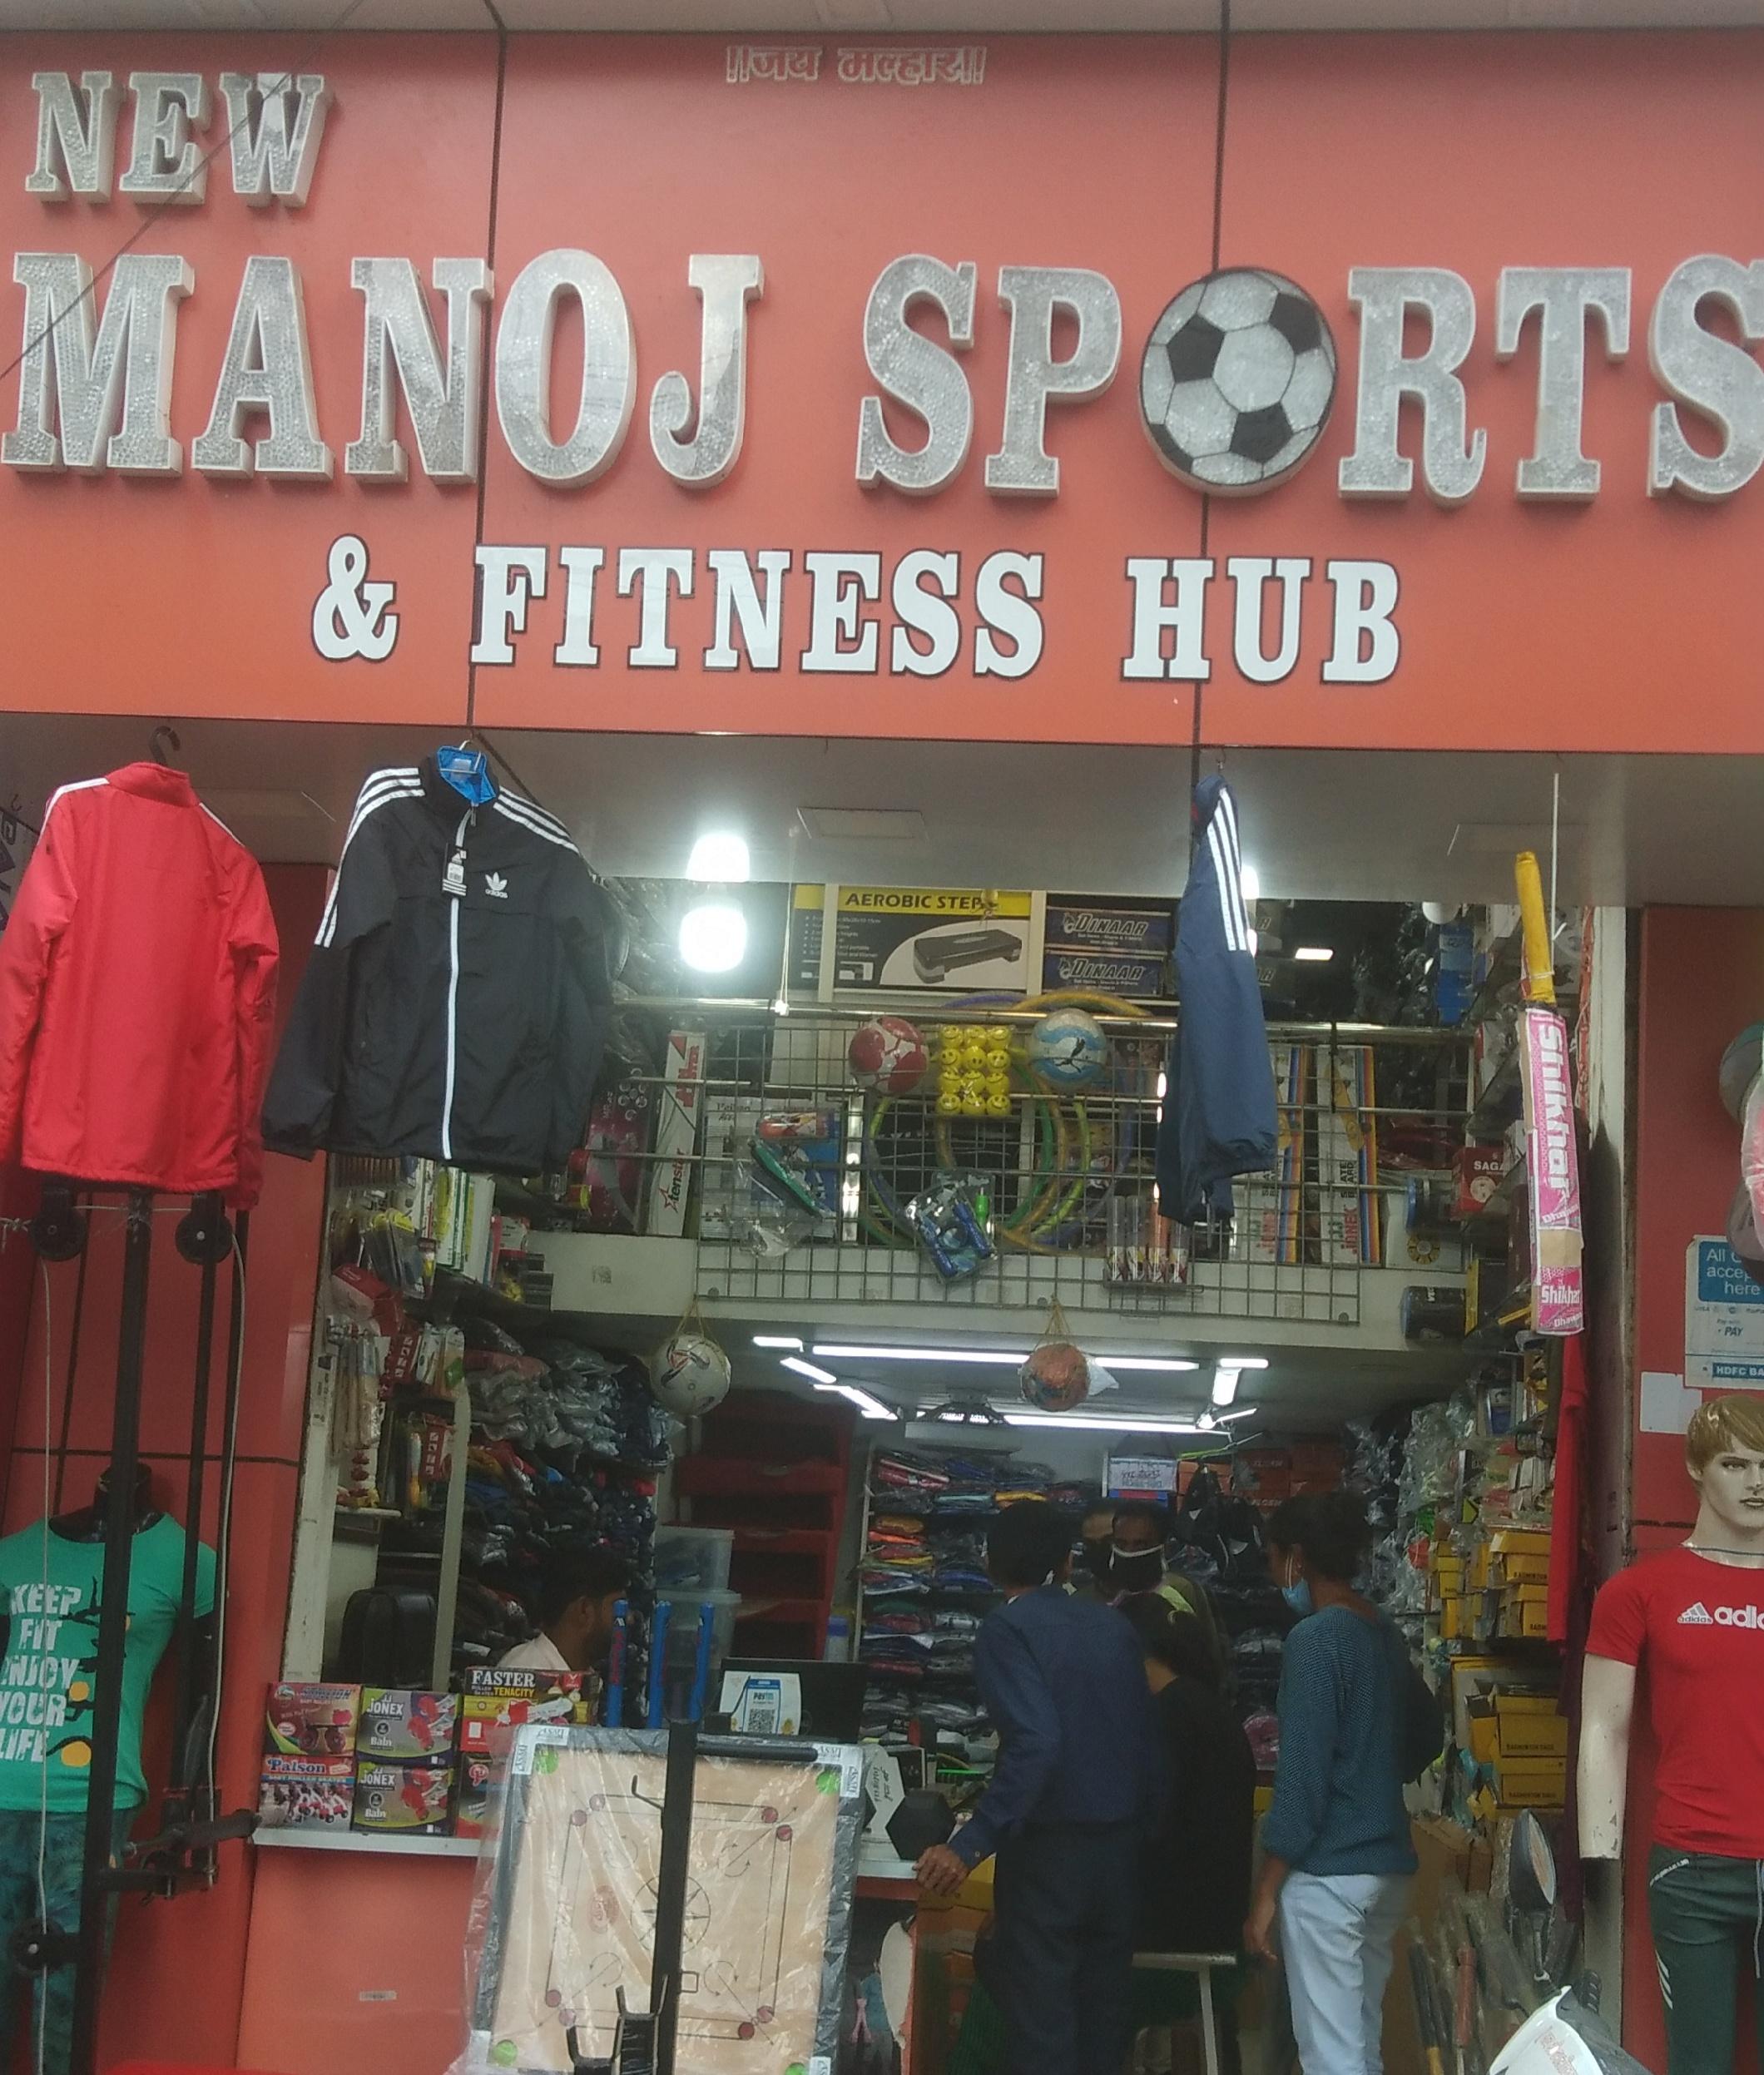 New manoj sports,& fitness hub